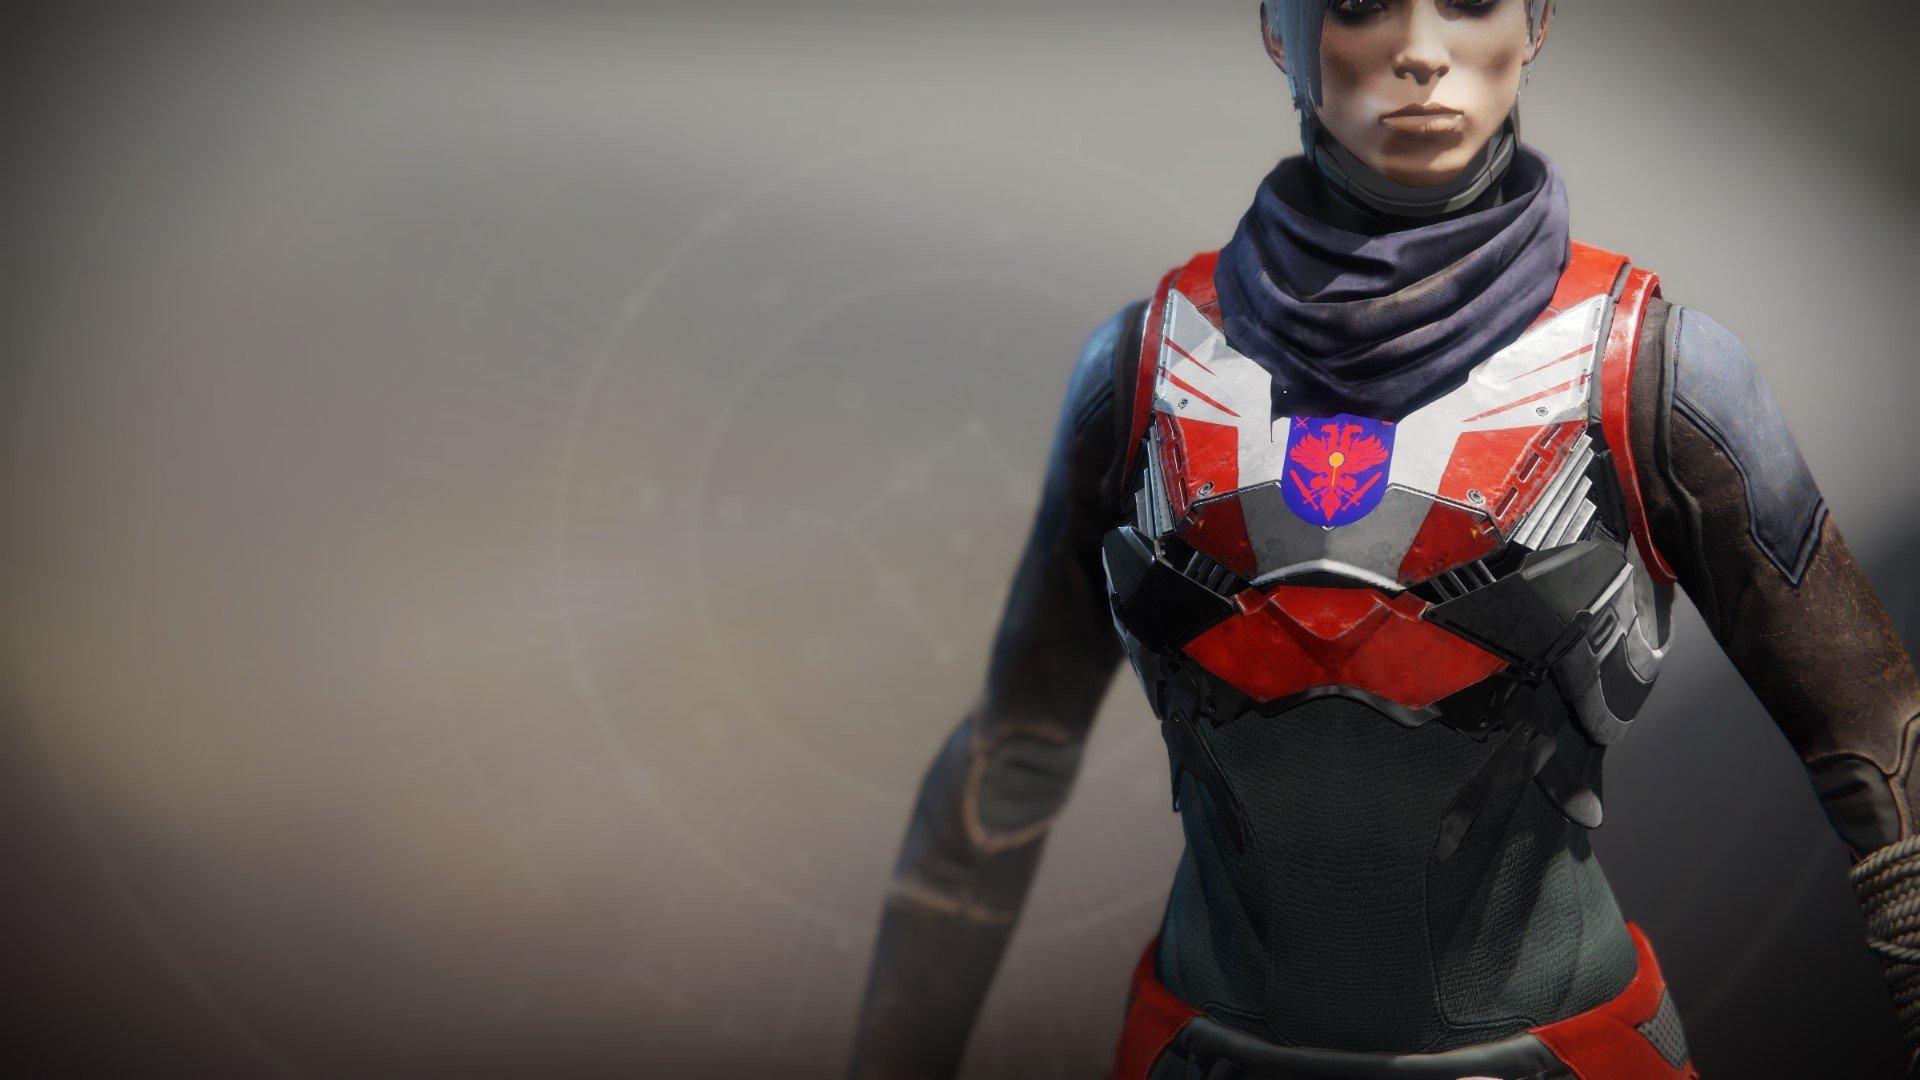 An in-game render of the Swordflight 4.1.